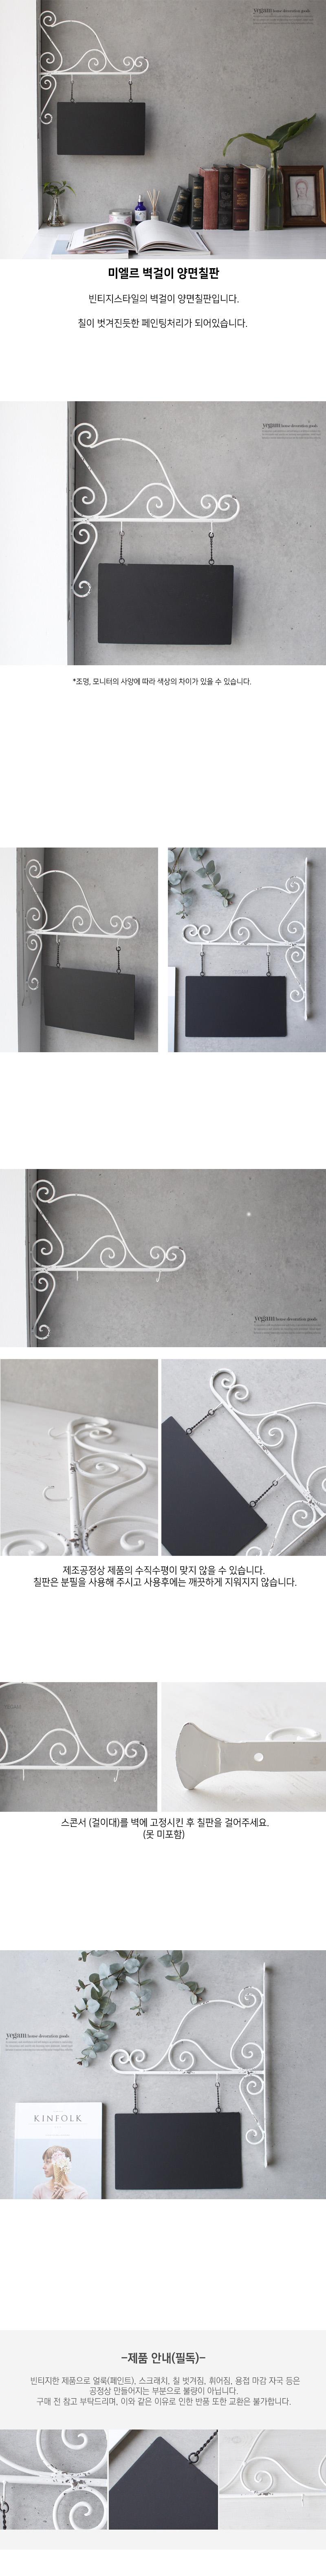 미엘르 벽걸이 양면칠판 - 체리하우스, 25,000원, 장식/부자재, 벽장식